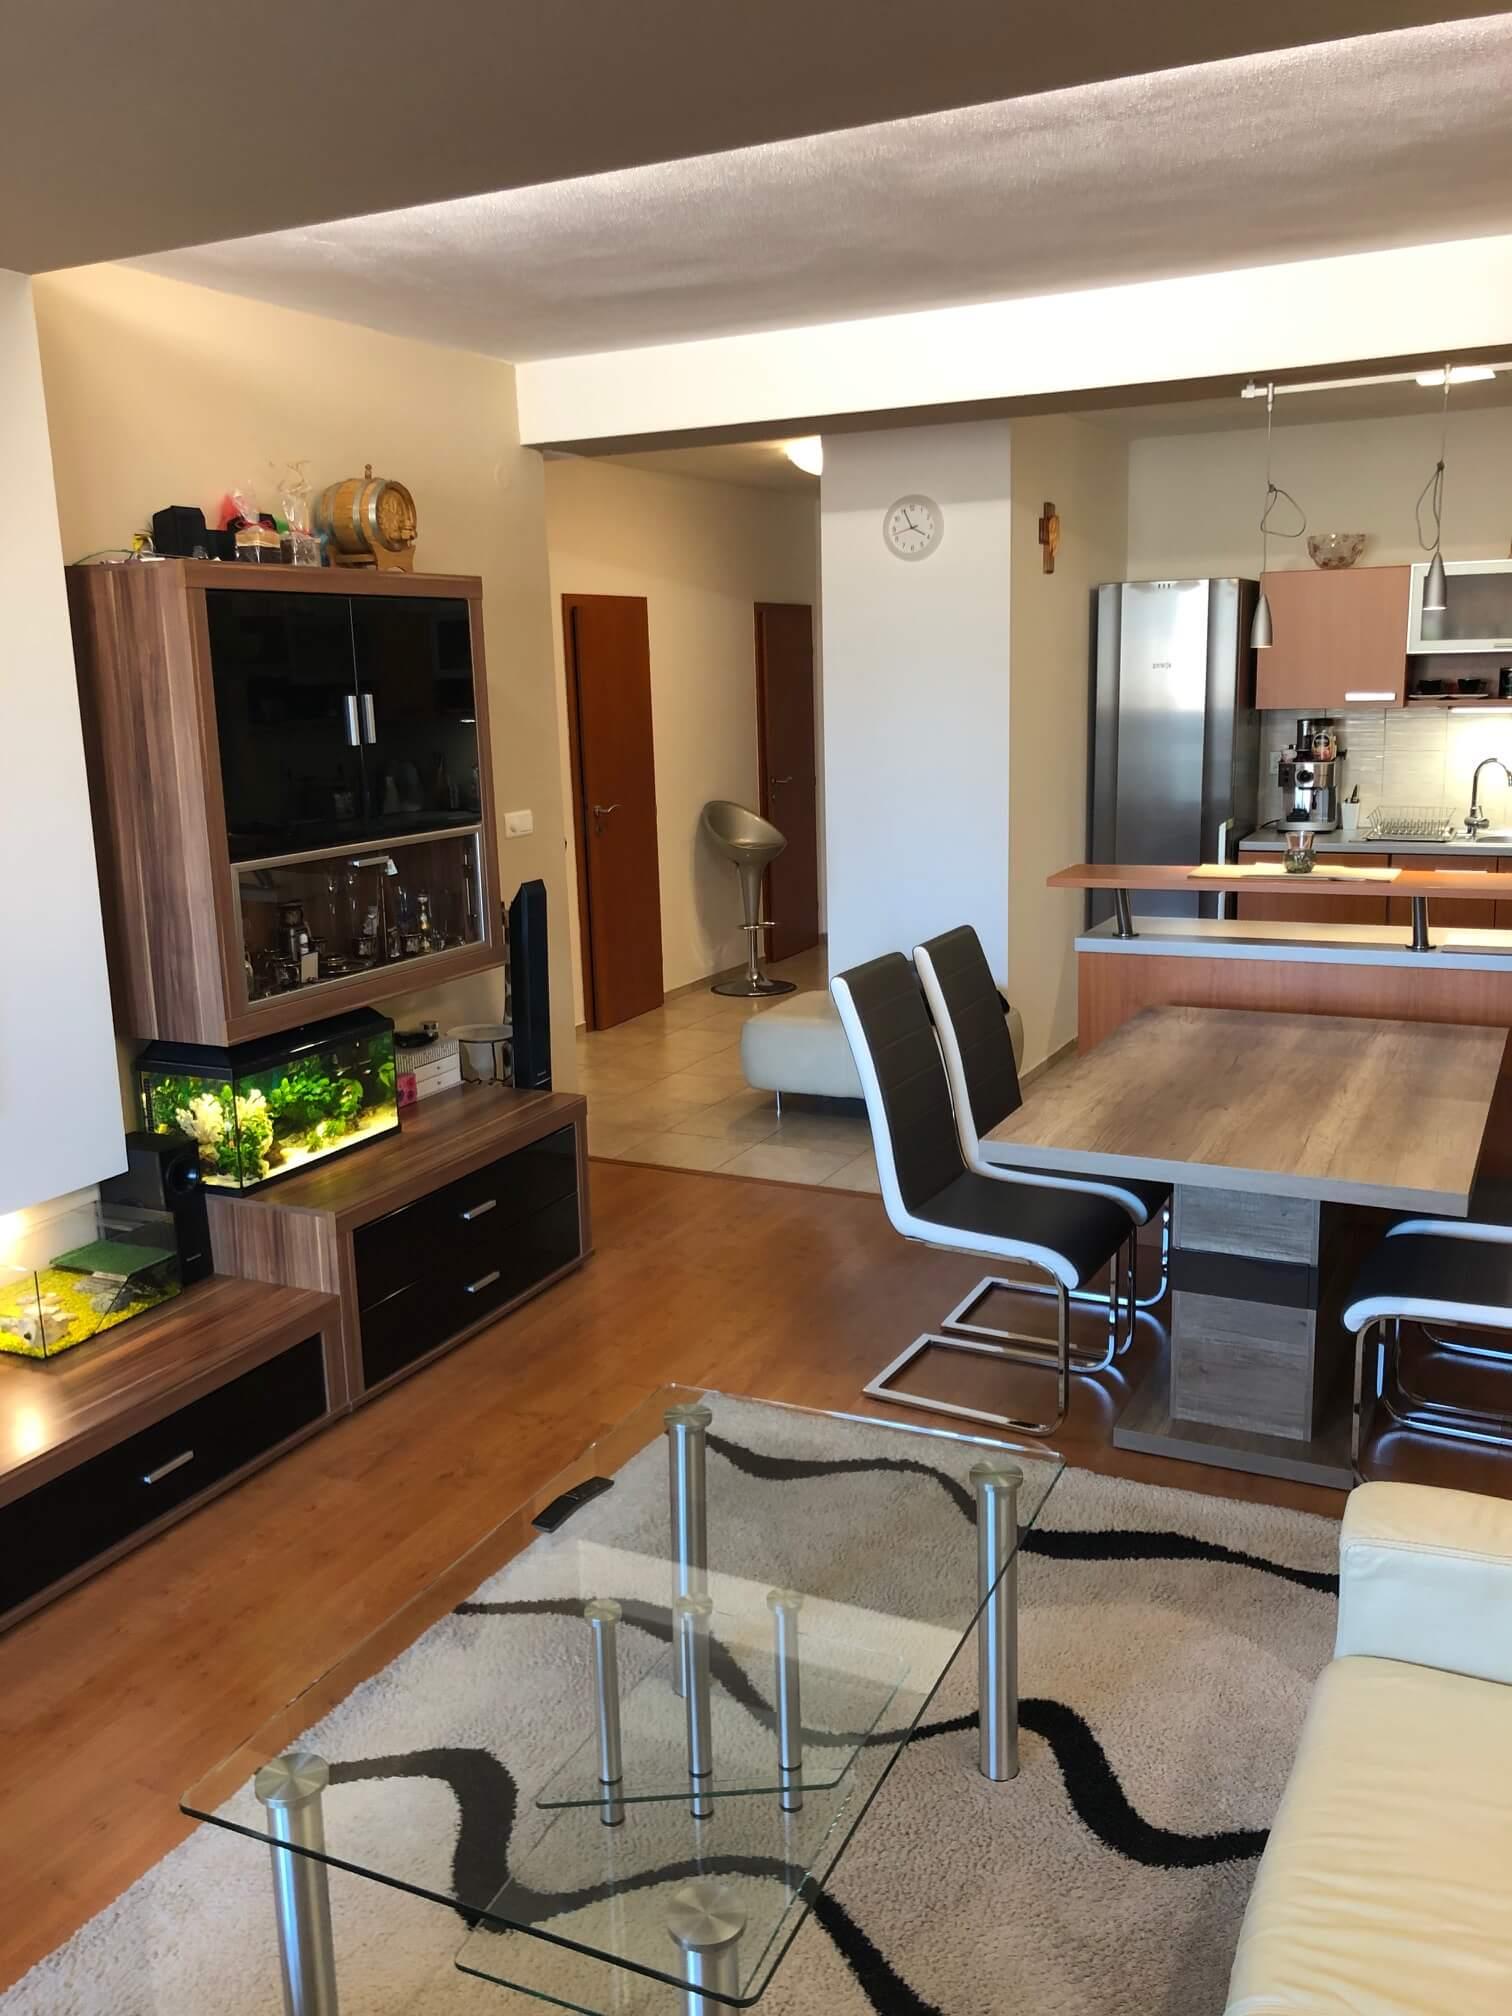 Predané: Exkluzívne na predaj 3 izb. byt, 72 m2, balkón 8 m2, parkovacie státie, Bratislava, Petržalka, Budatínska-12